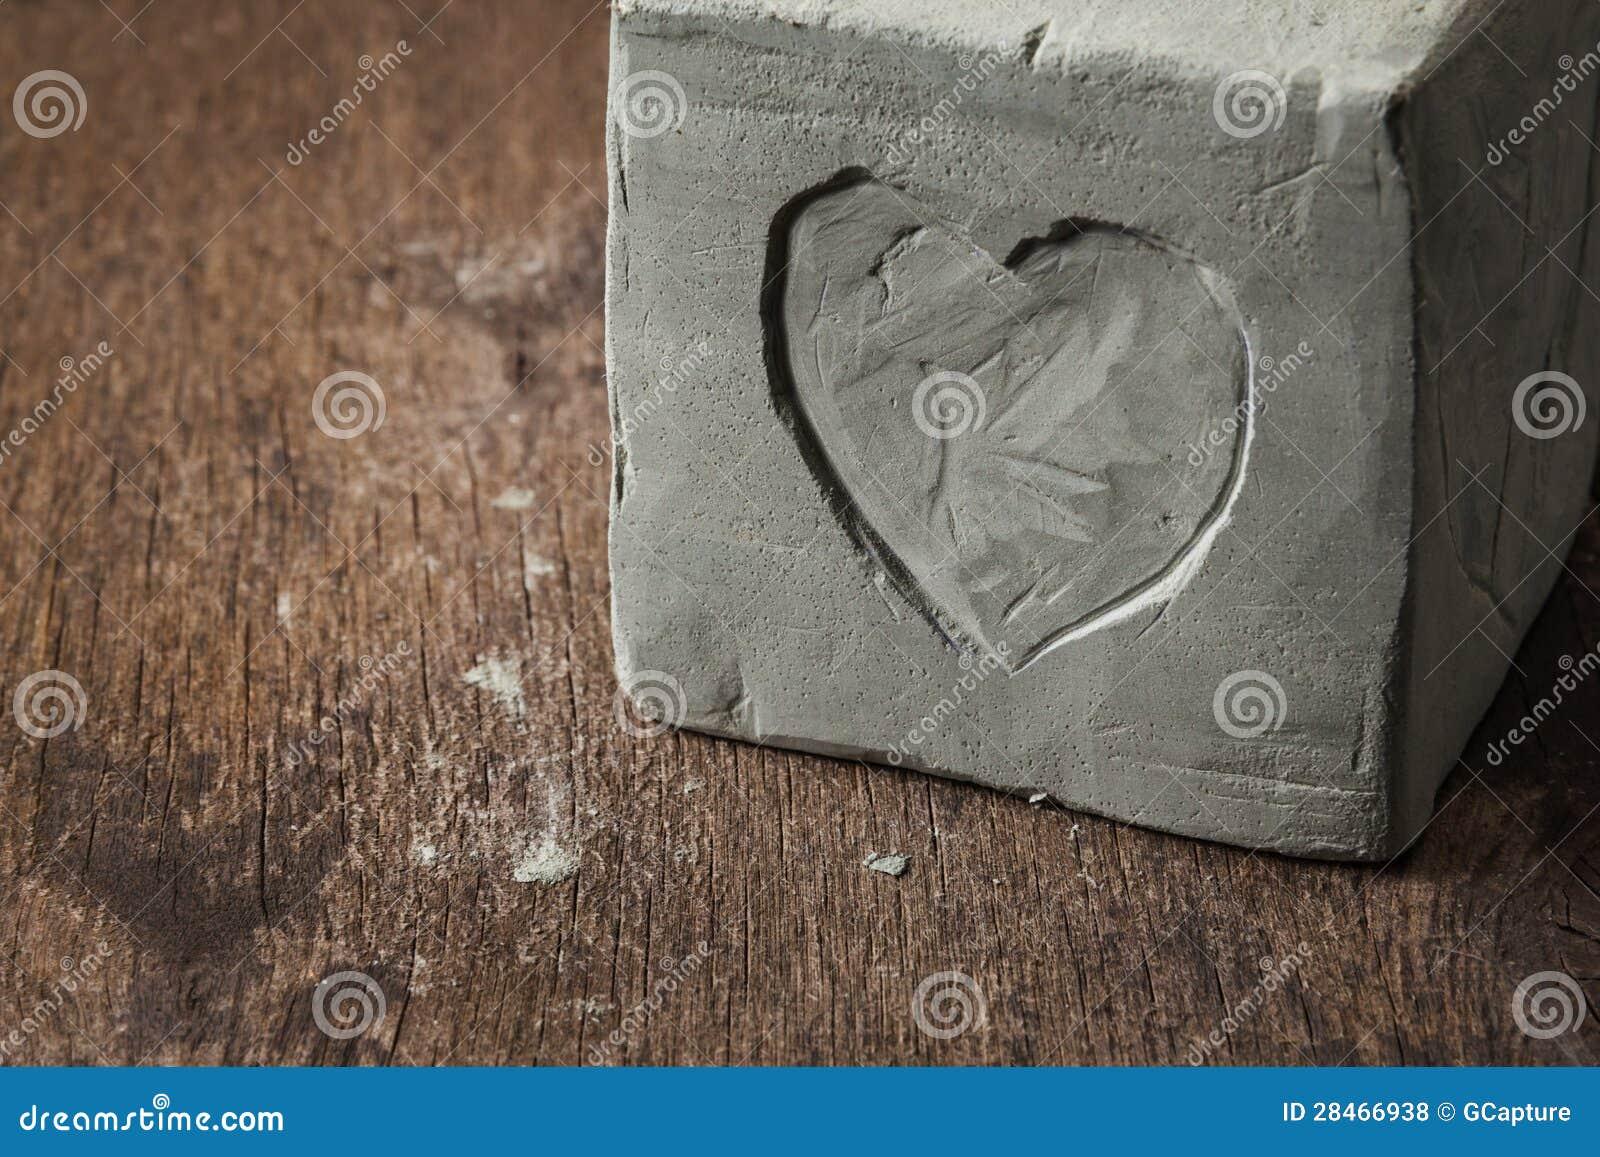 würfel mit lehminnerem auf hölzerner oberfläche lizenzfreie